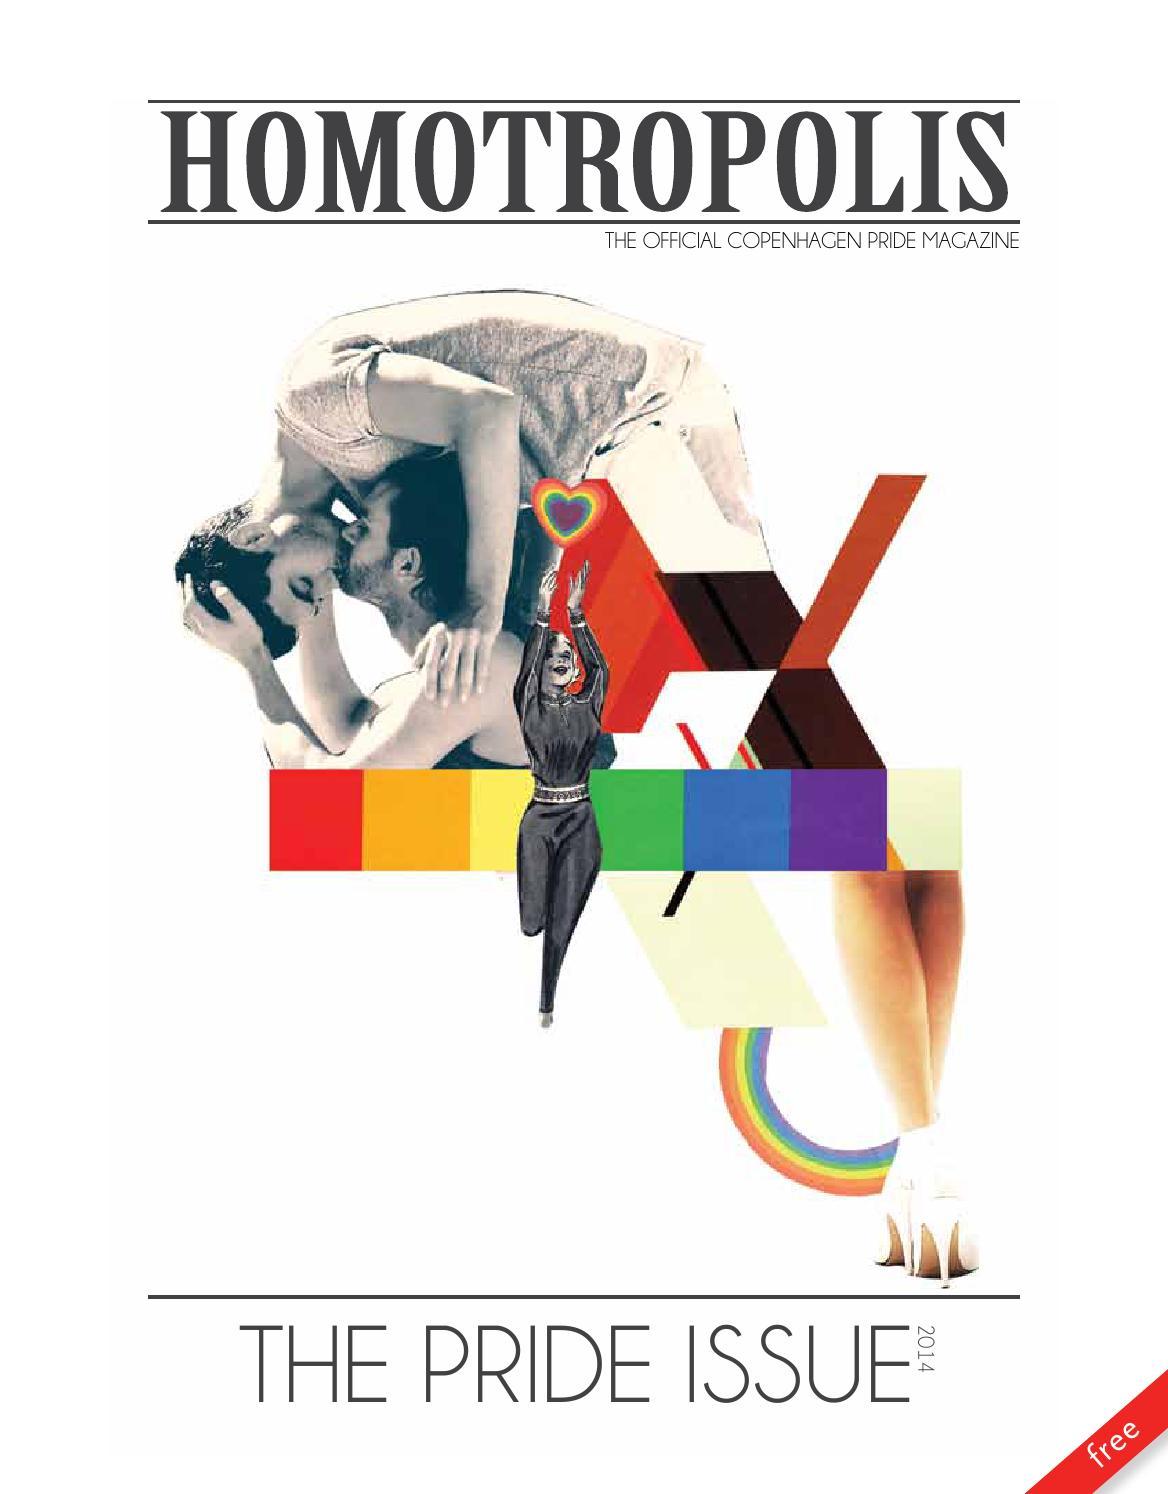 Heteroseksuelle hiv dating sites